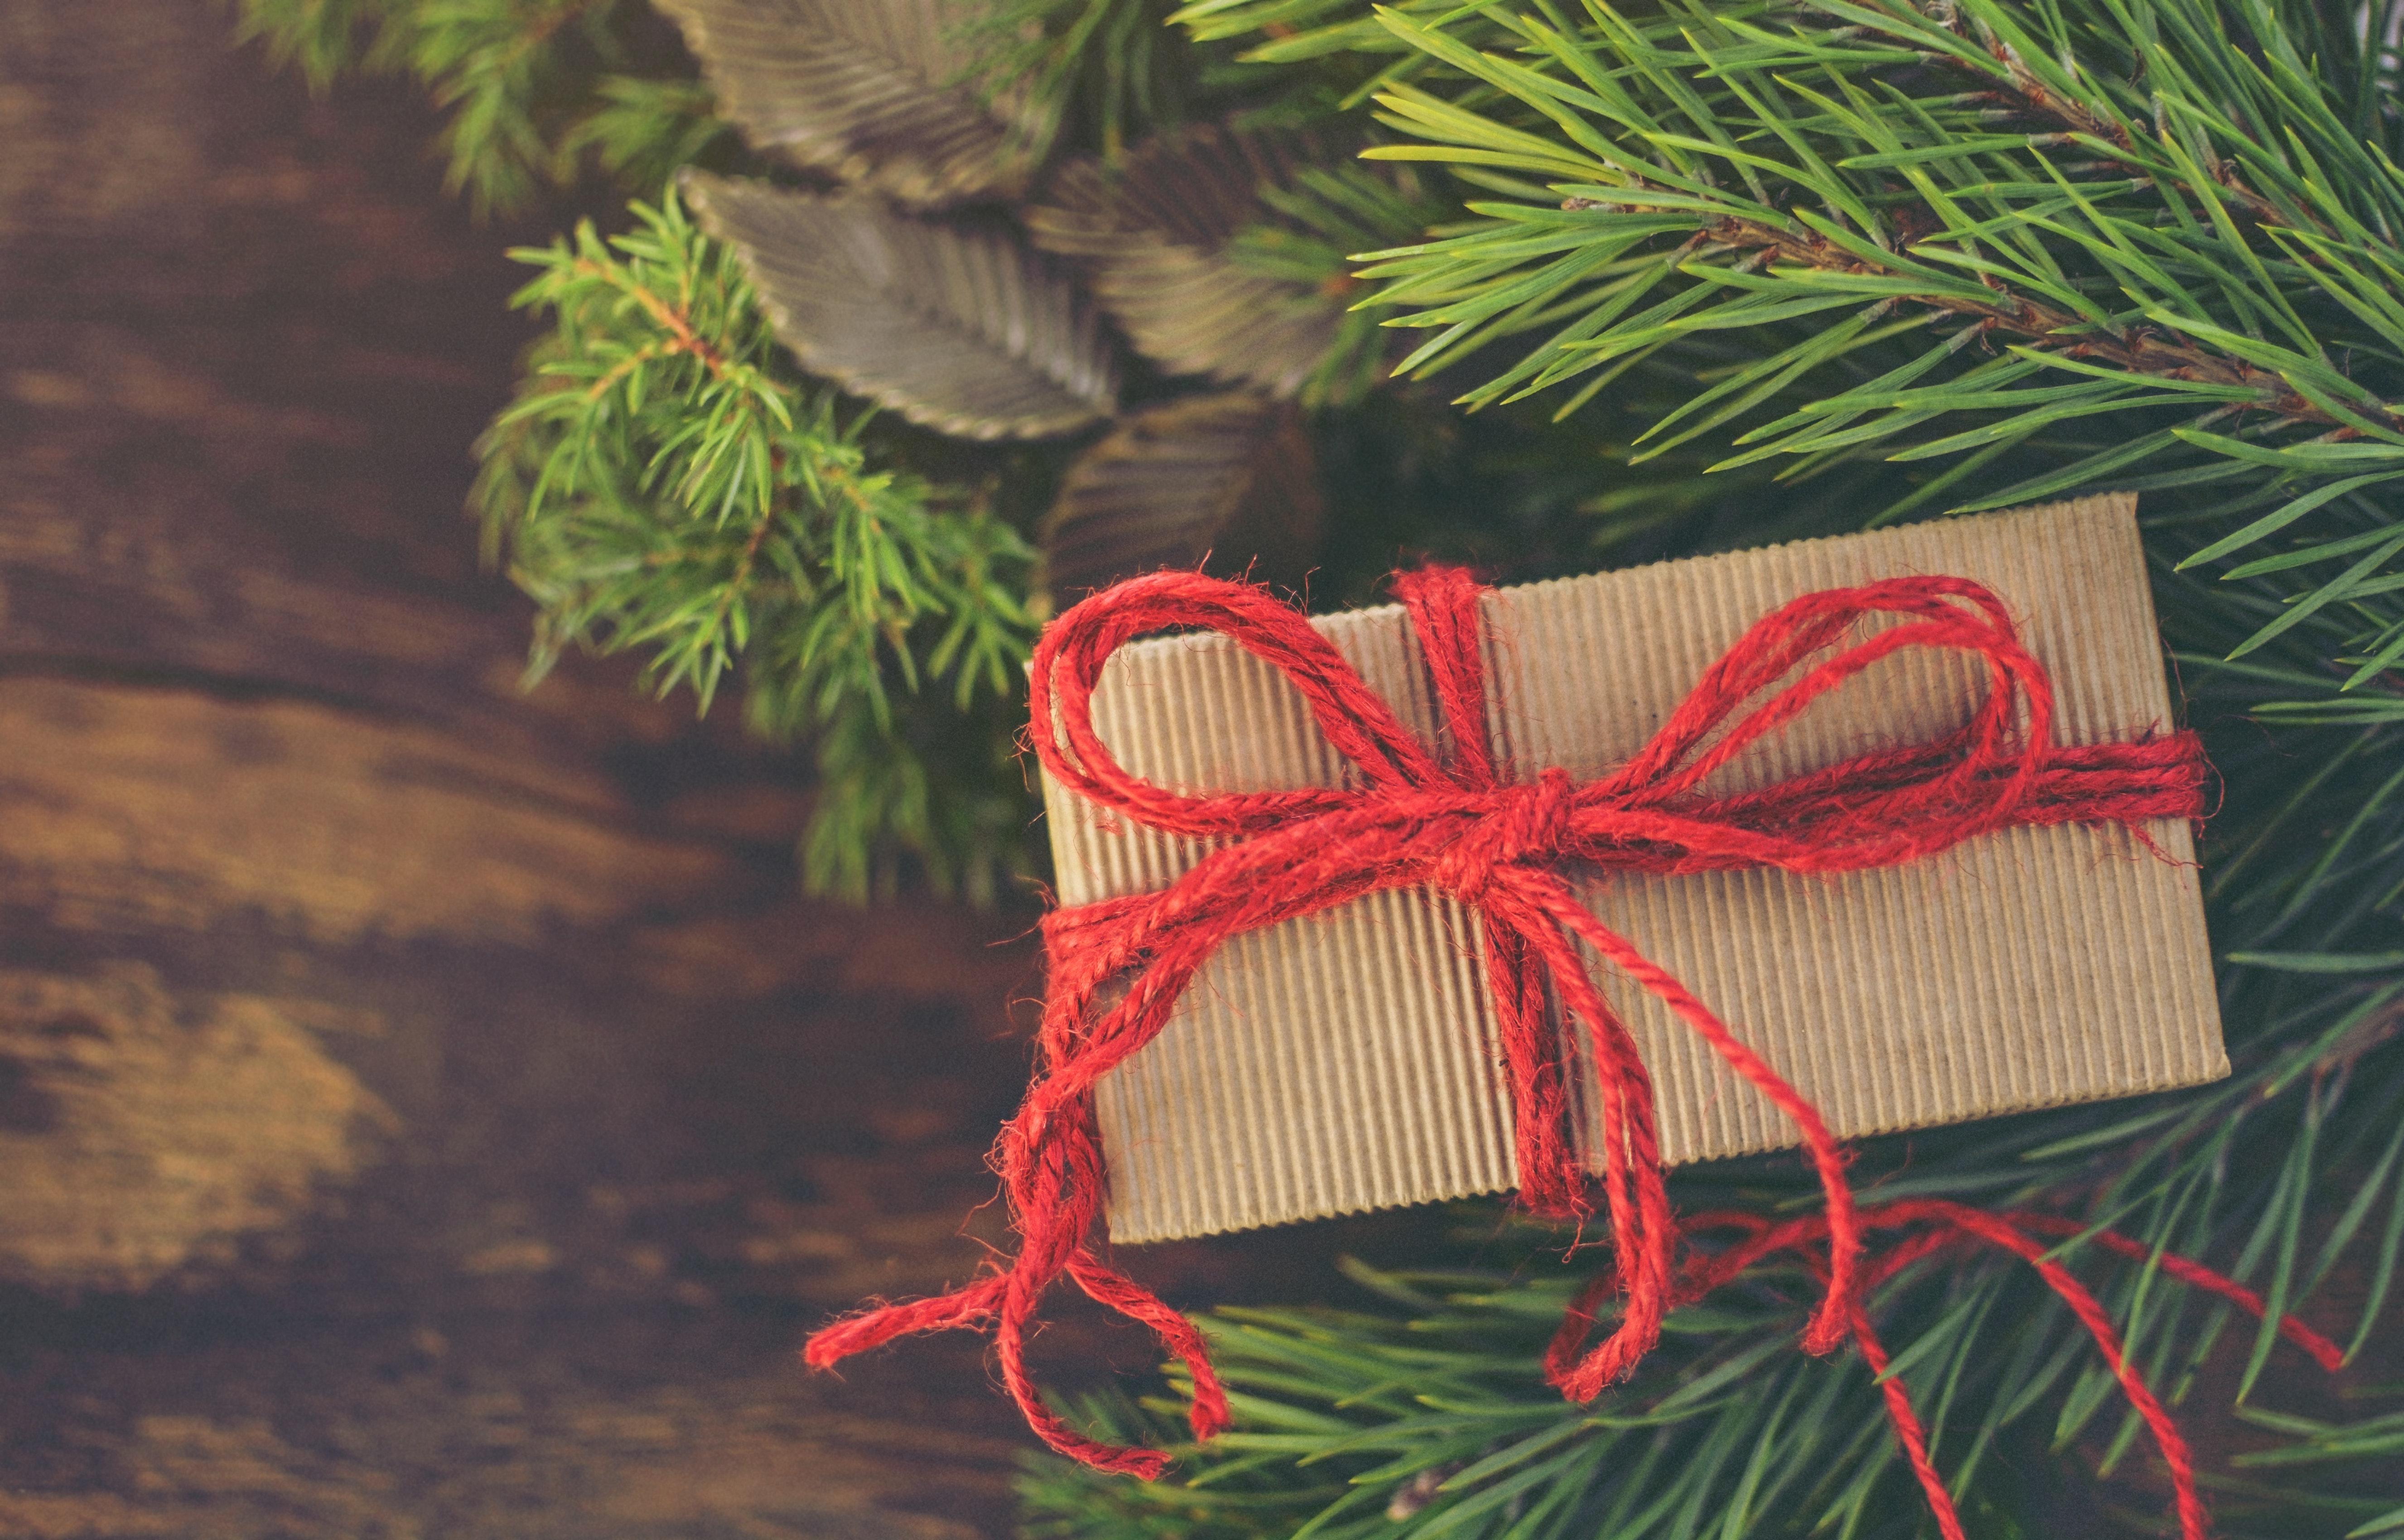 Goed verpakt kerstspullen opruimen